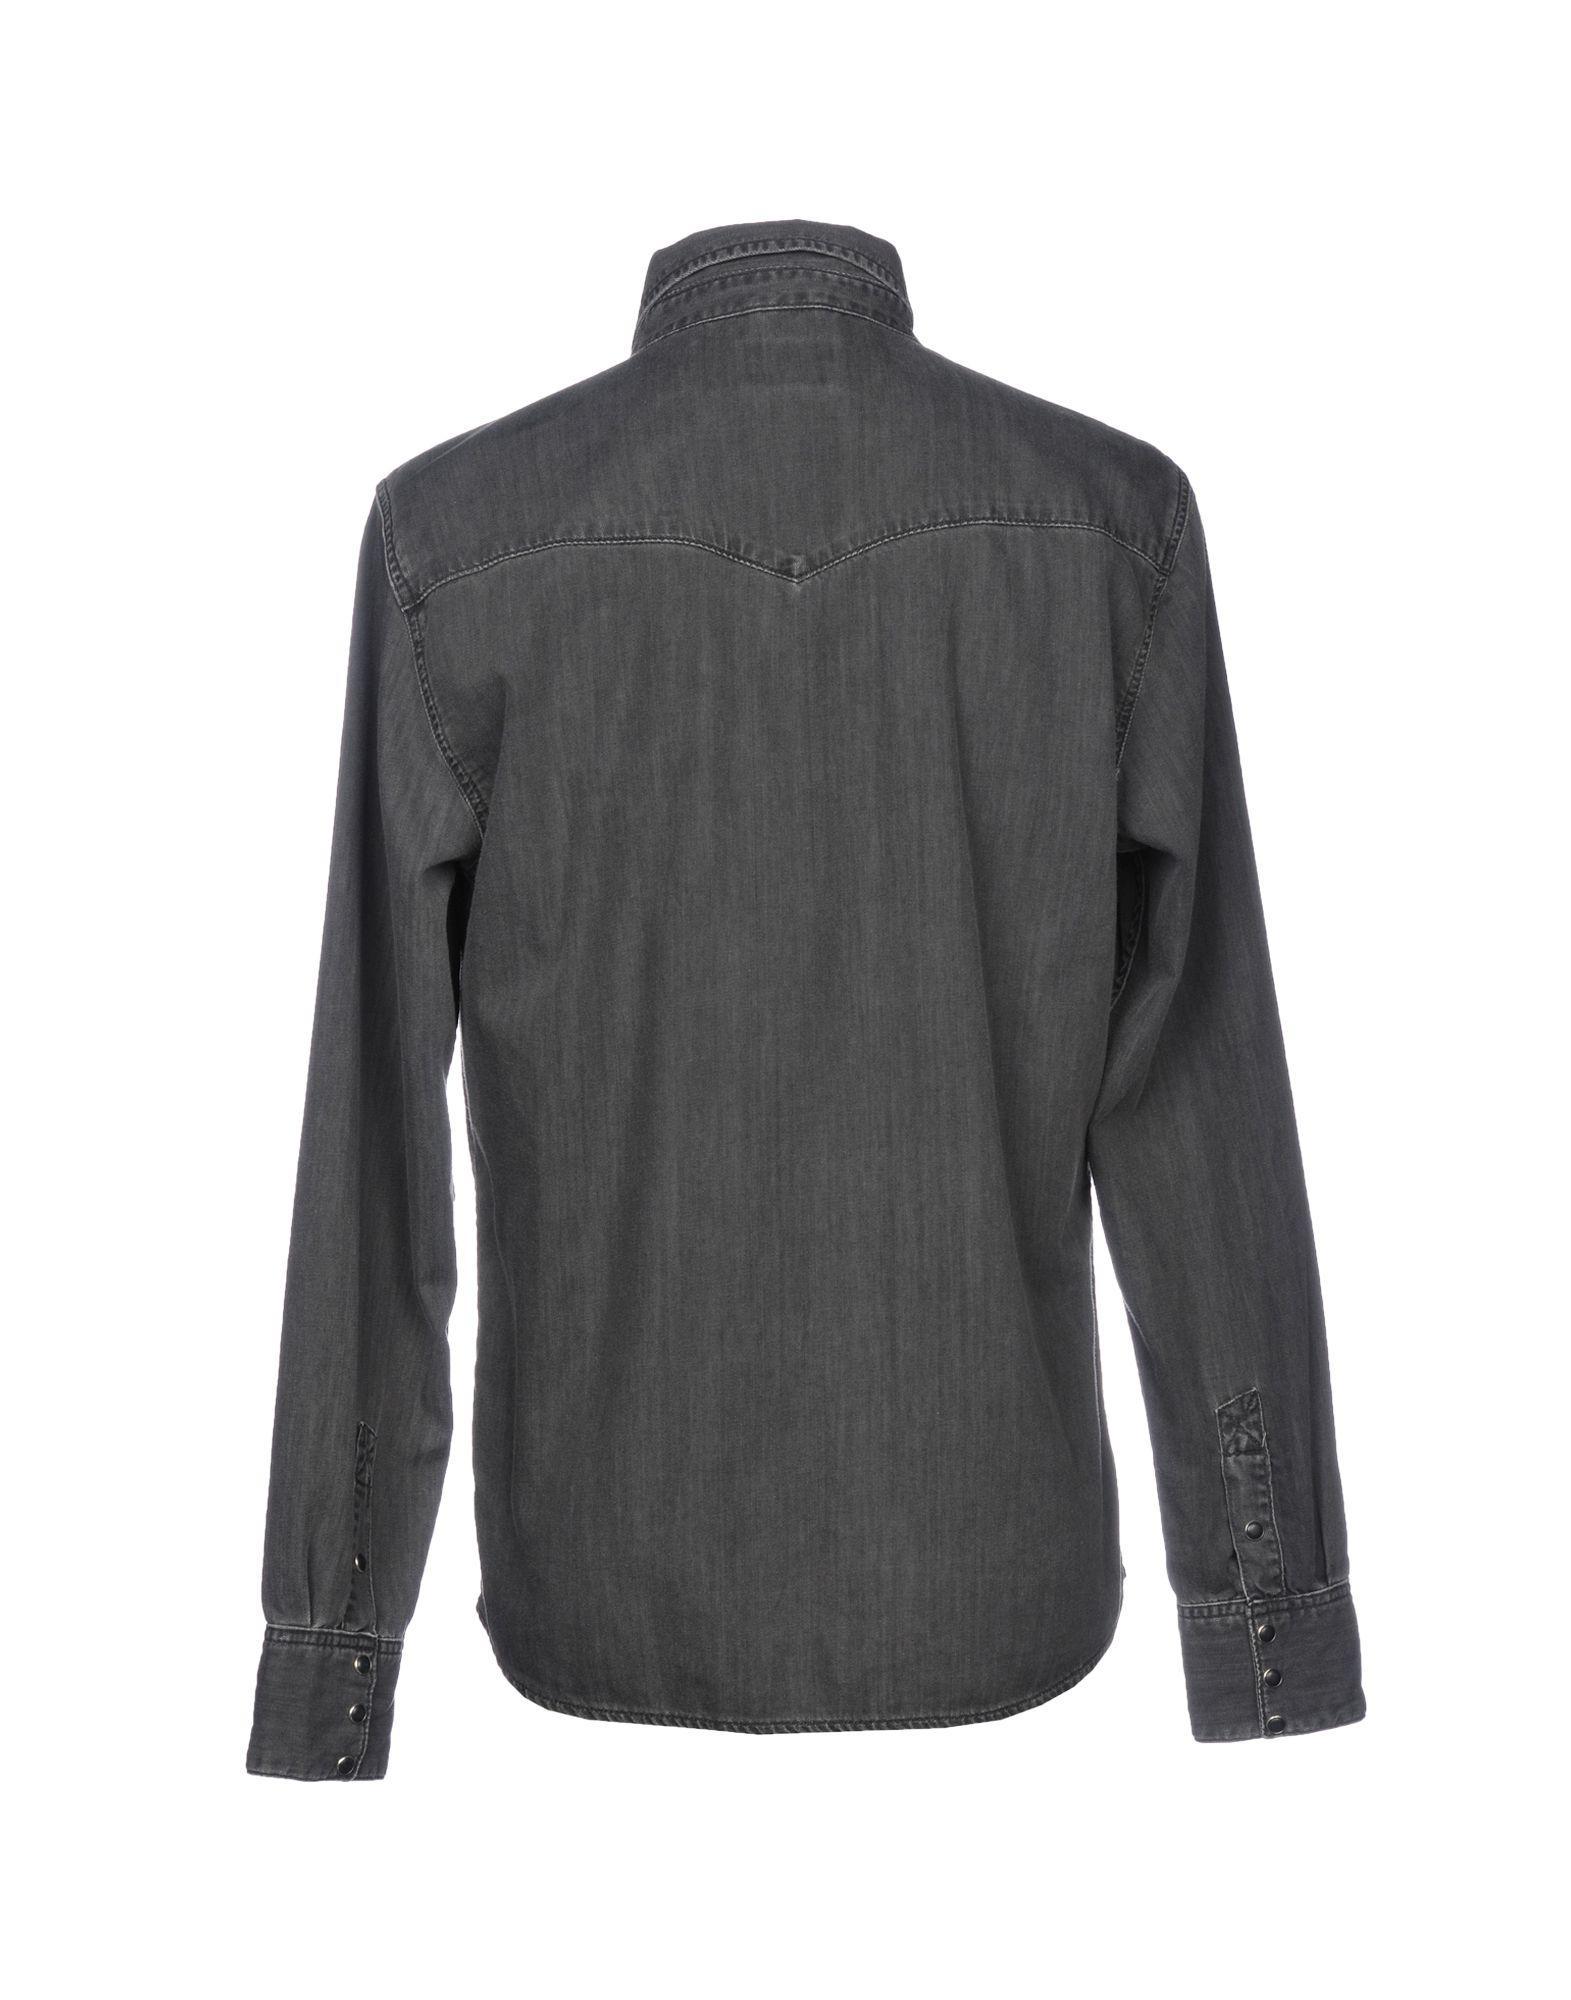 Nudie Jeans Denim Shirt in Steel Grey (Grey) for Men